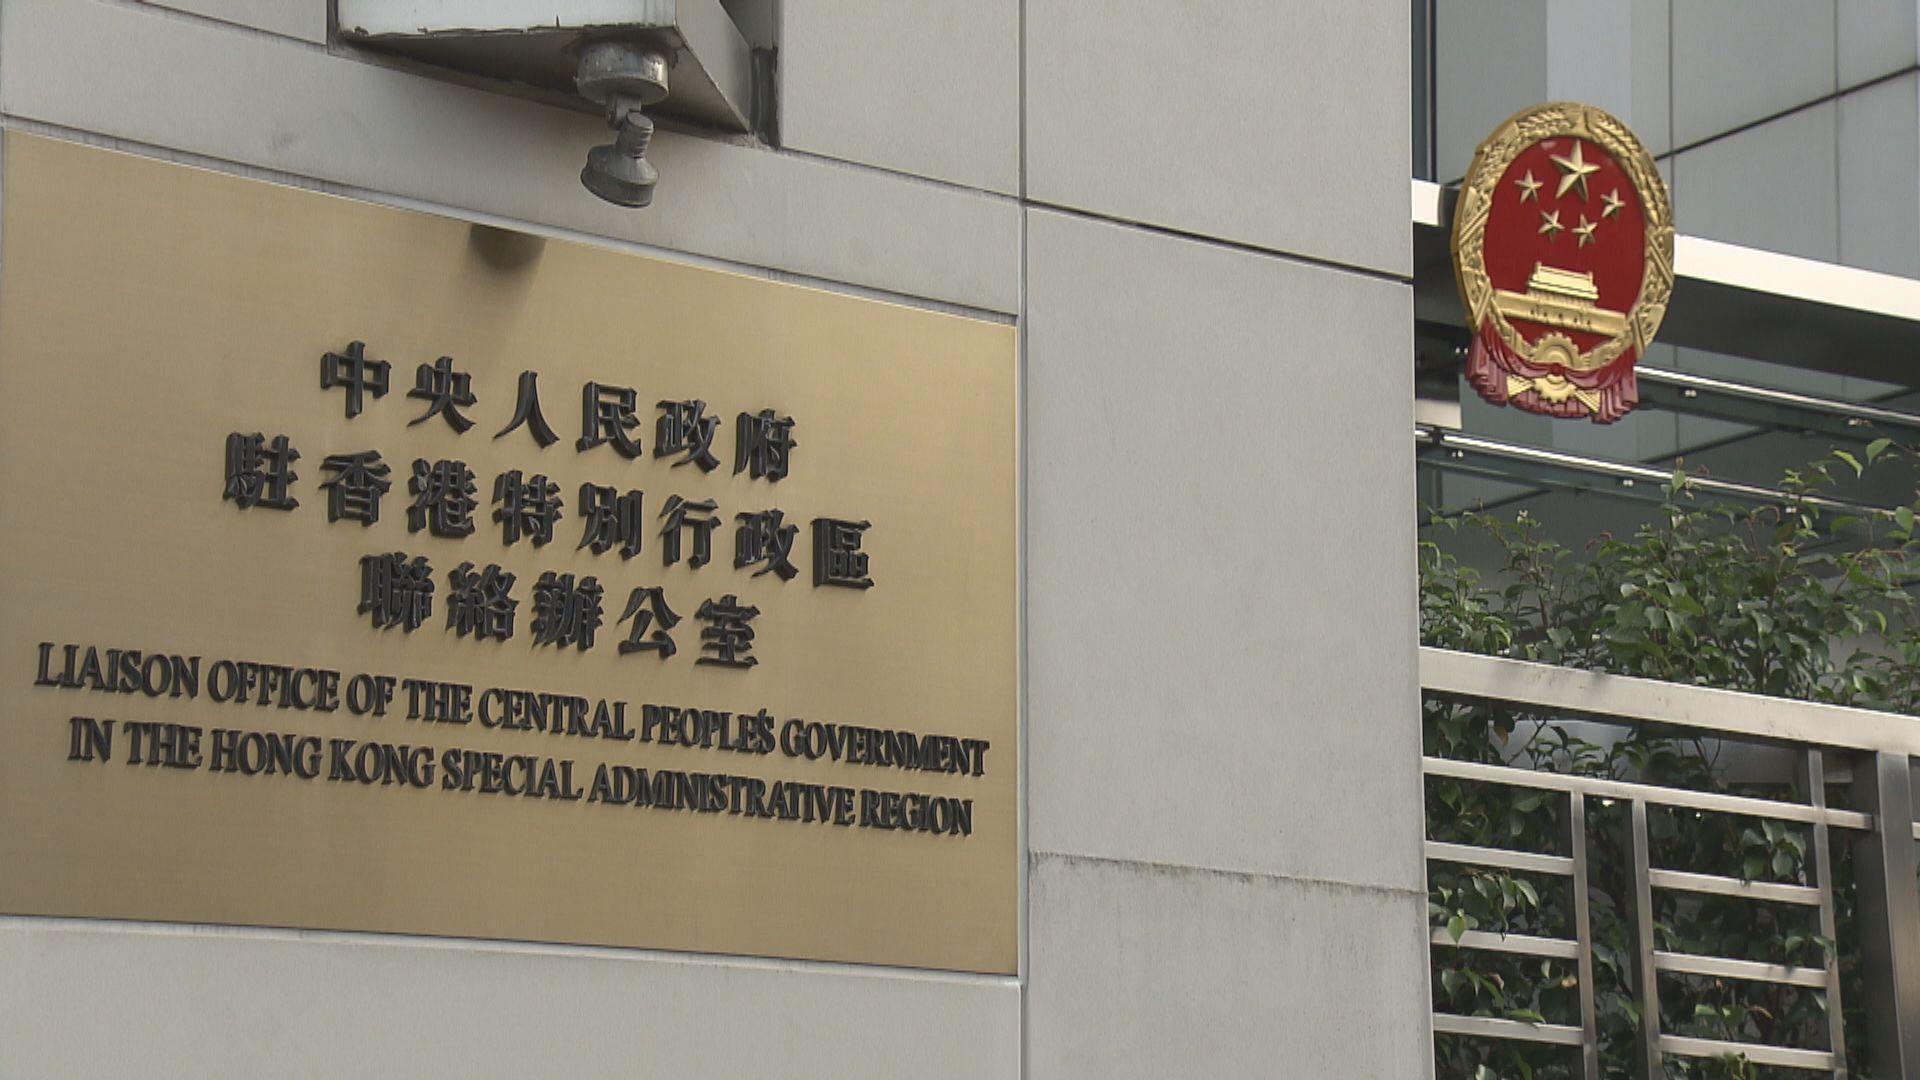 中聯辦:中央隨時應特區政府要求提供援助